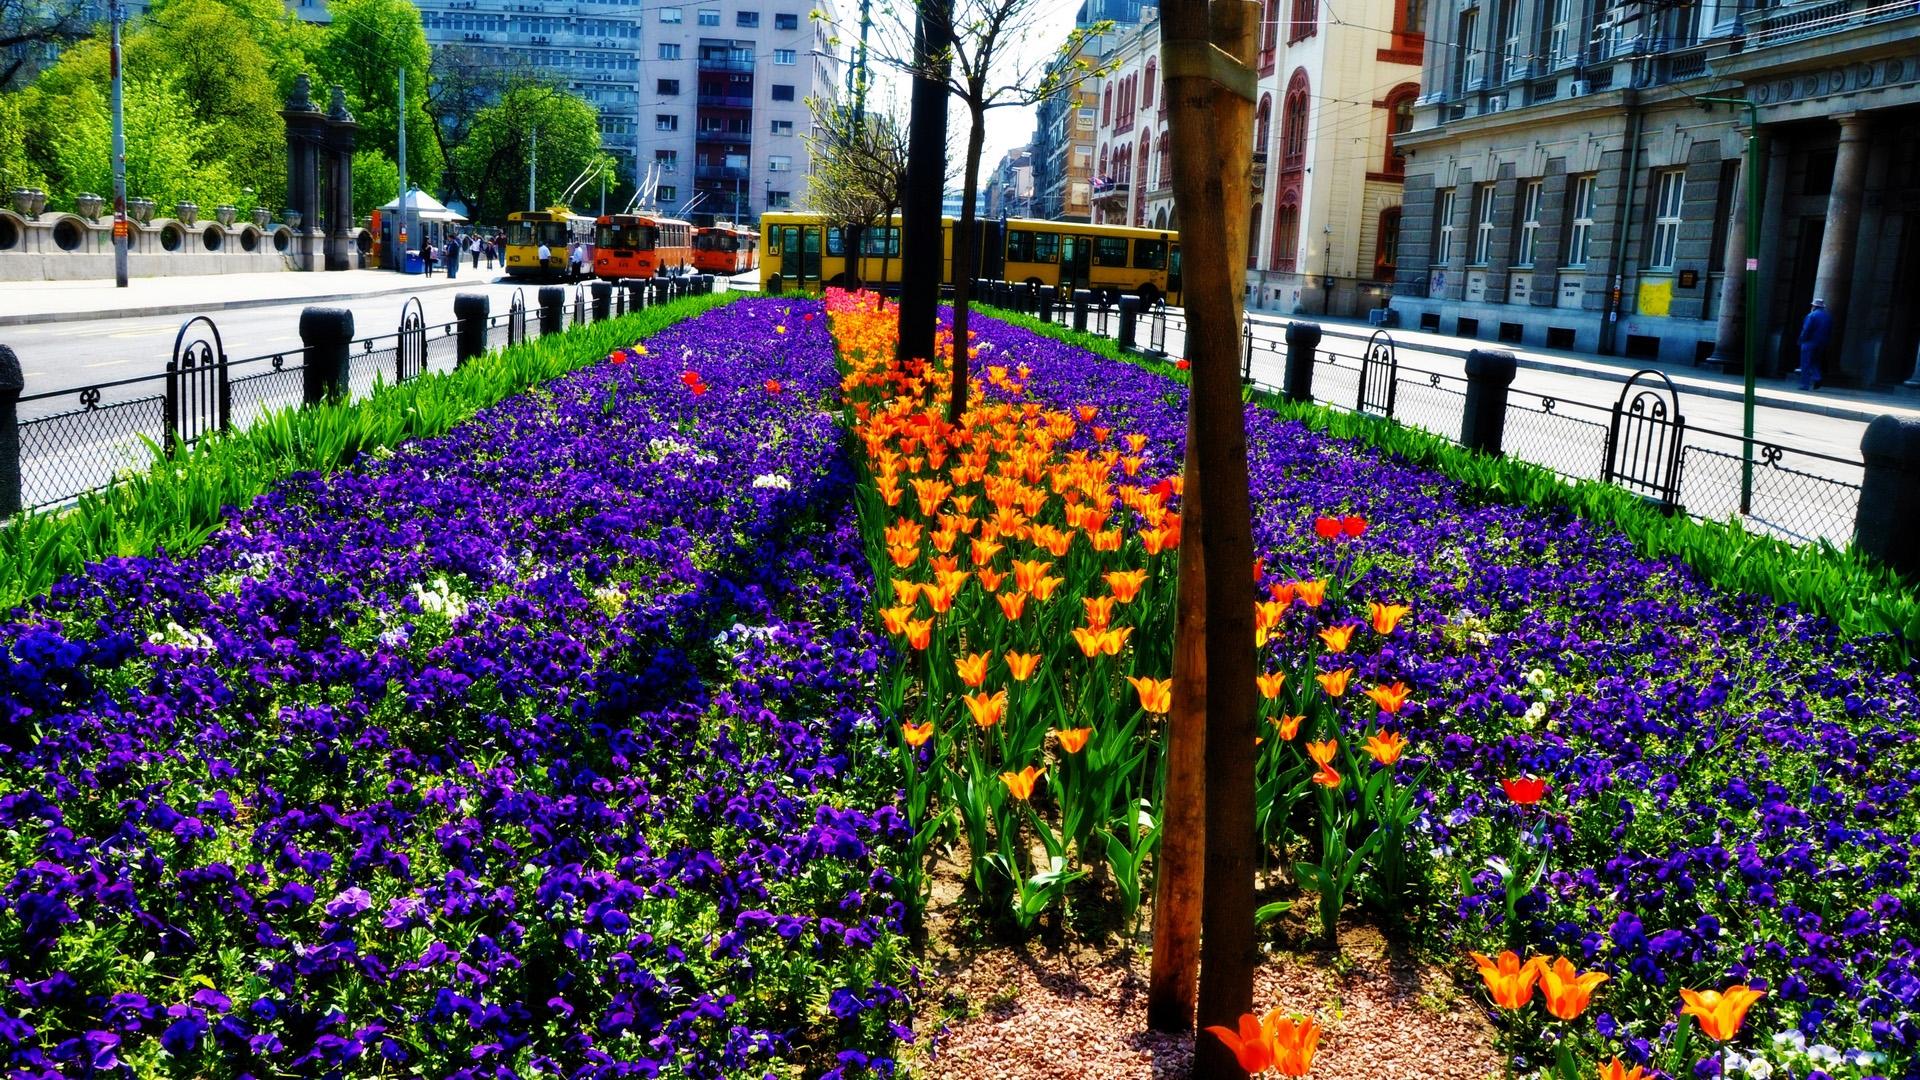 утолщениями растения на улицах города фото она